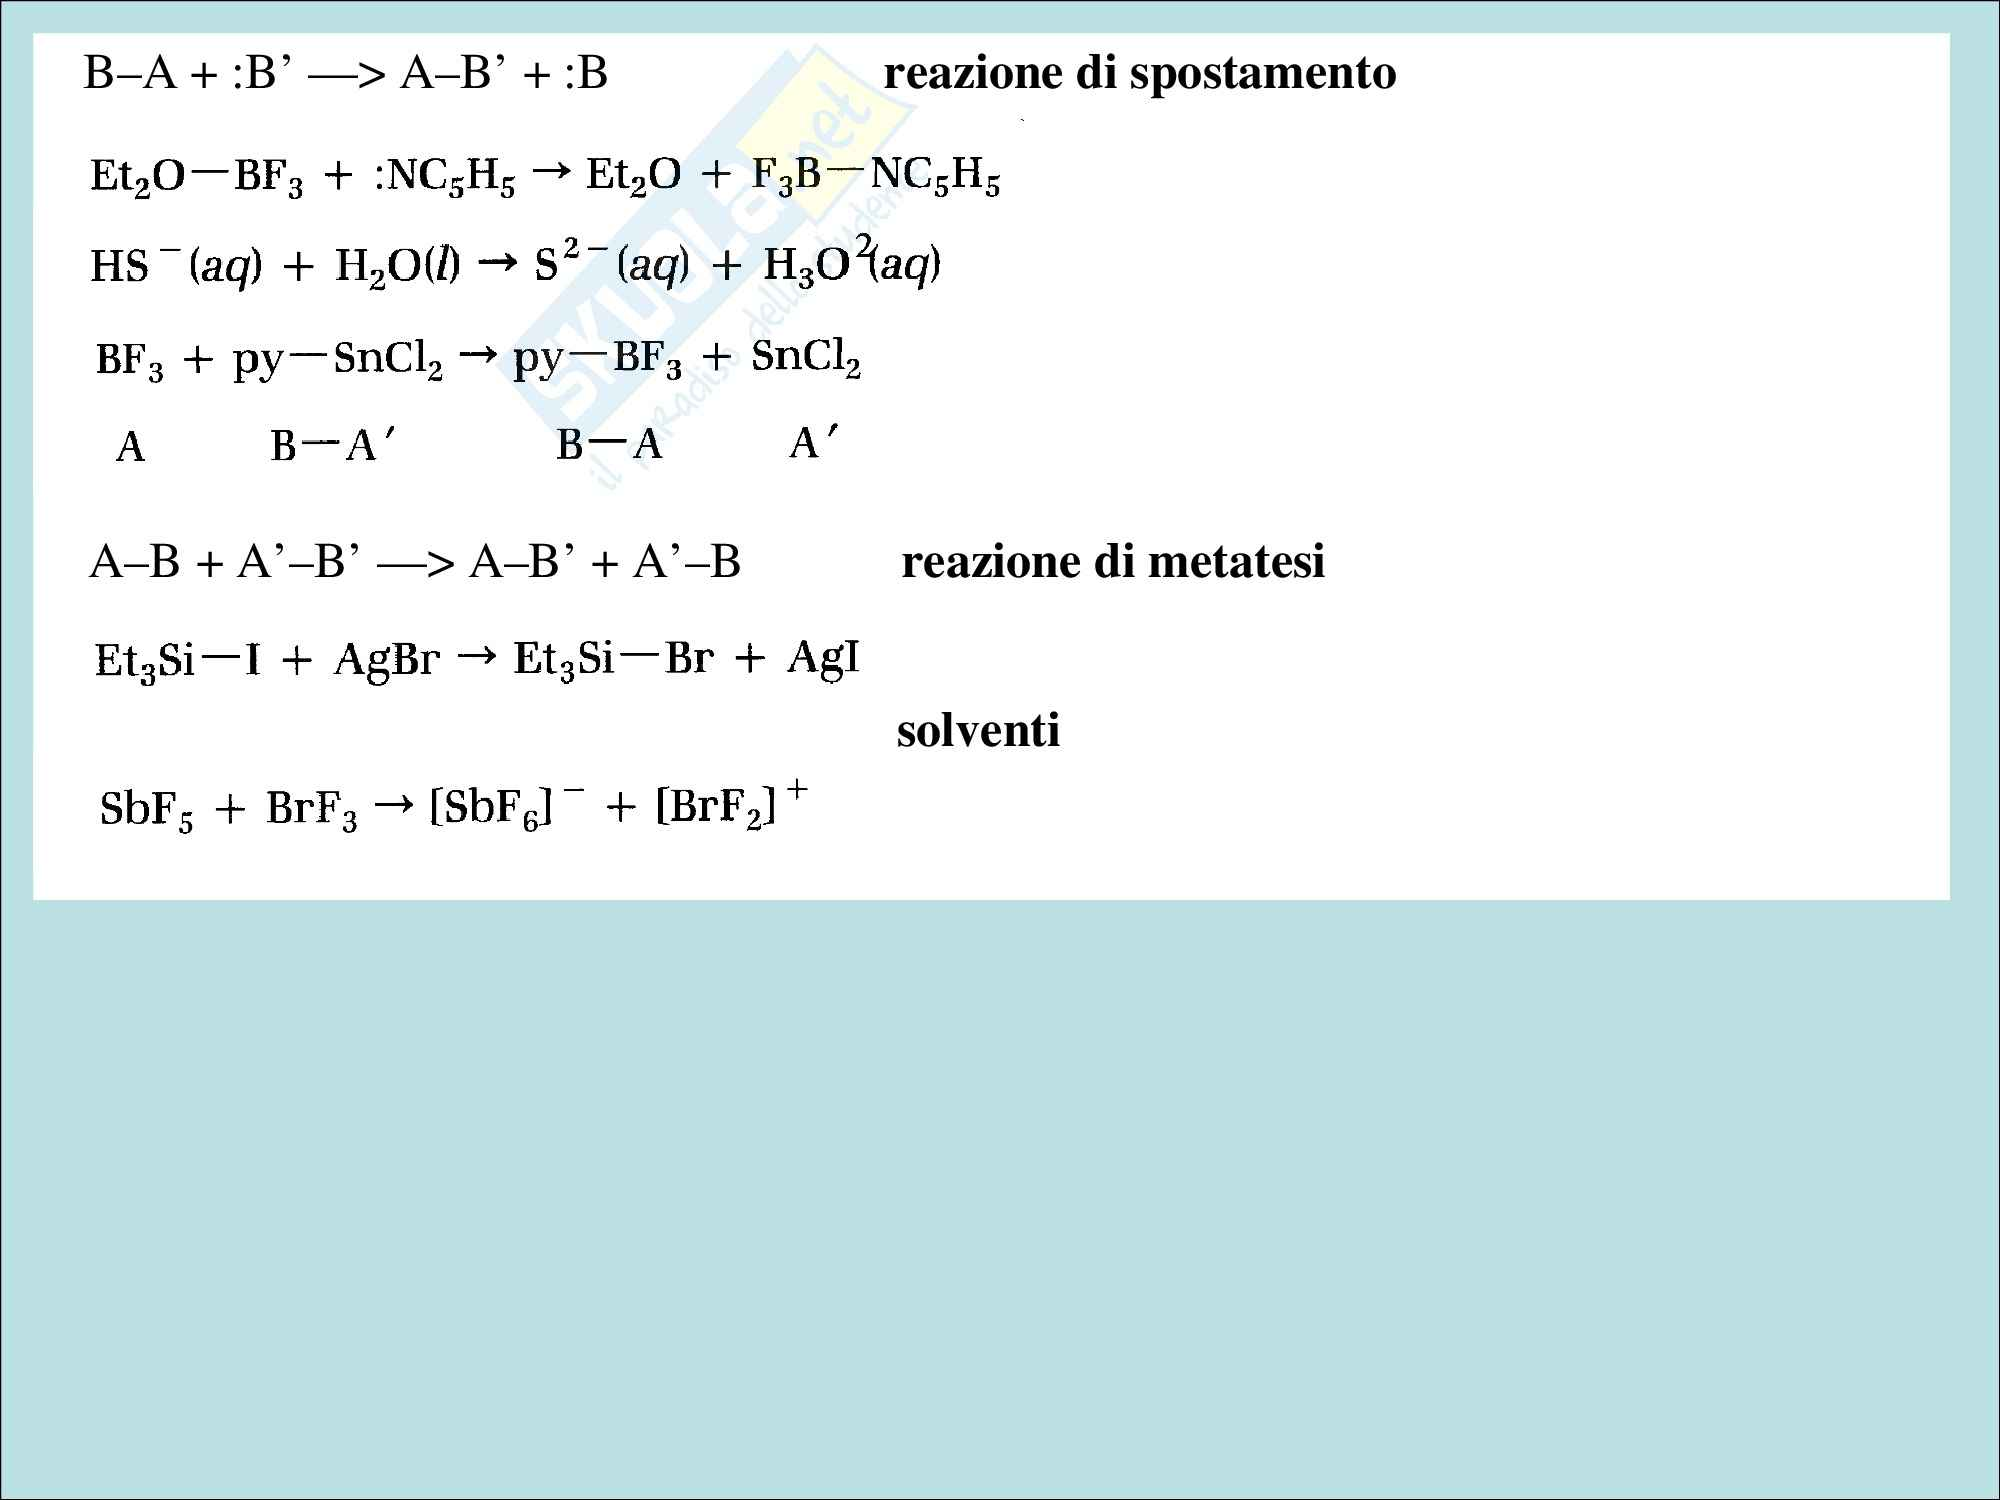 Chimica inorganica - gli acidi e le basi di lewis Pag. 2